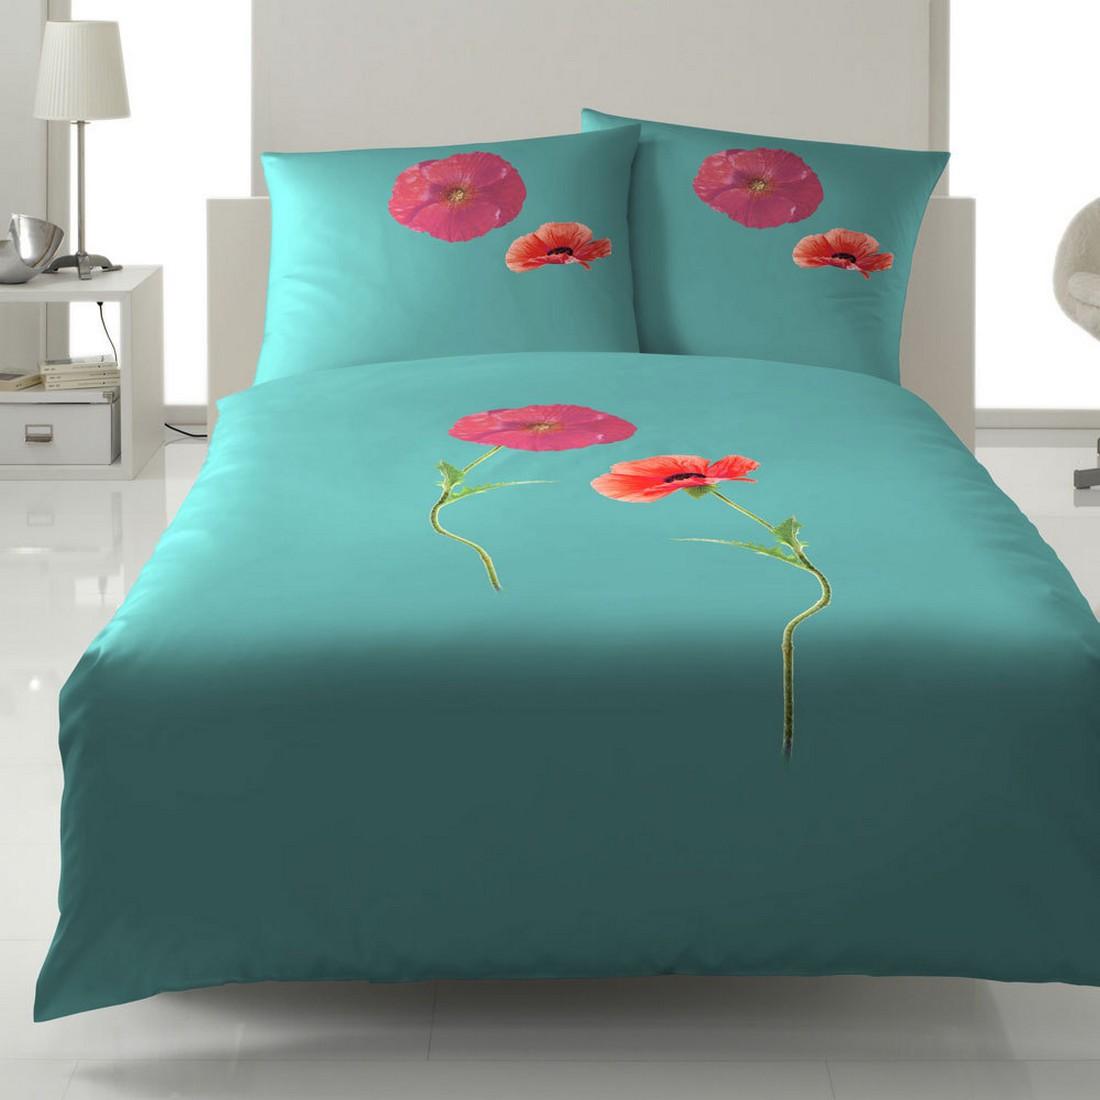 Bettwäsche – Mak Grün – Baumwolle – Mehrfarbig – 155×220 cm + 80×80 cm, Yes for bed bestellen